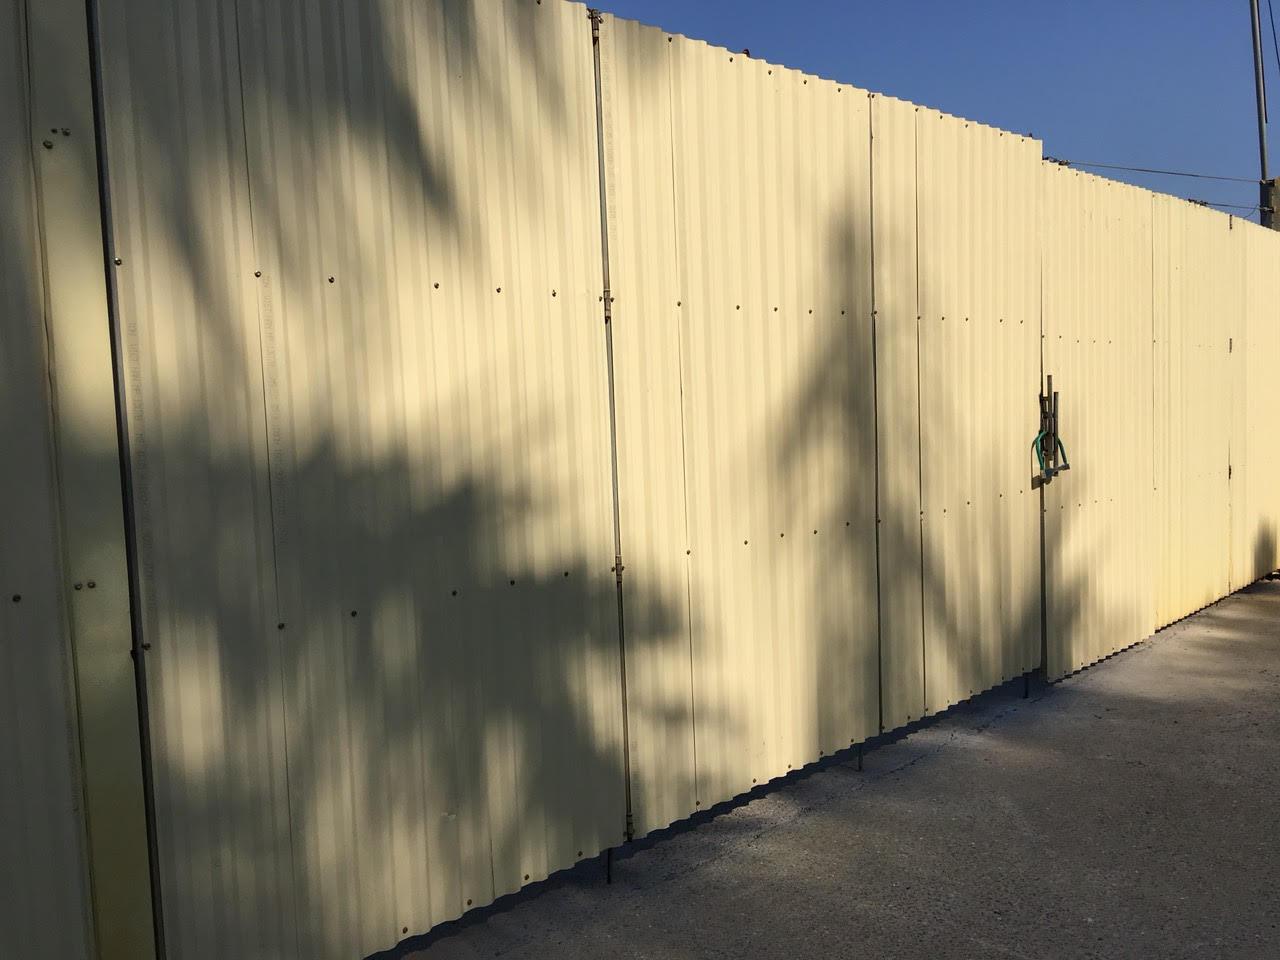 Thi công hàng rào tôn cho các công trình uy tín, chất lượng